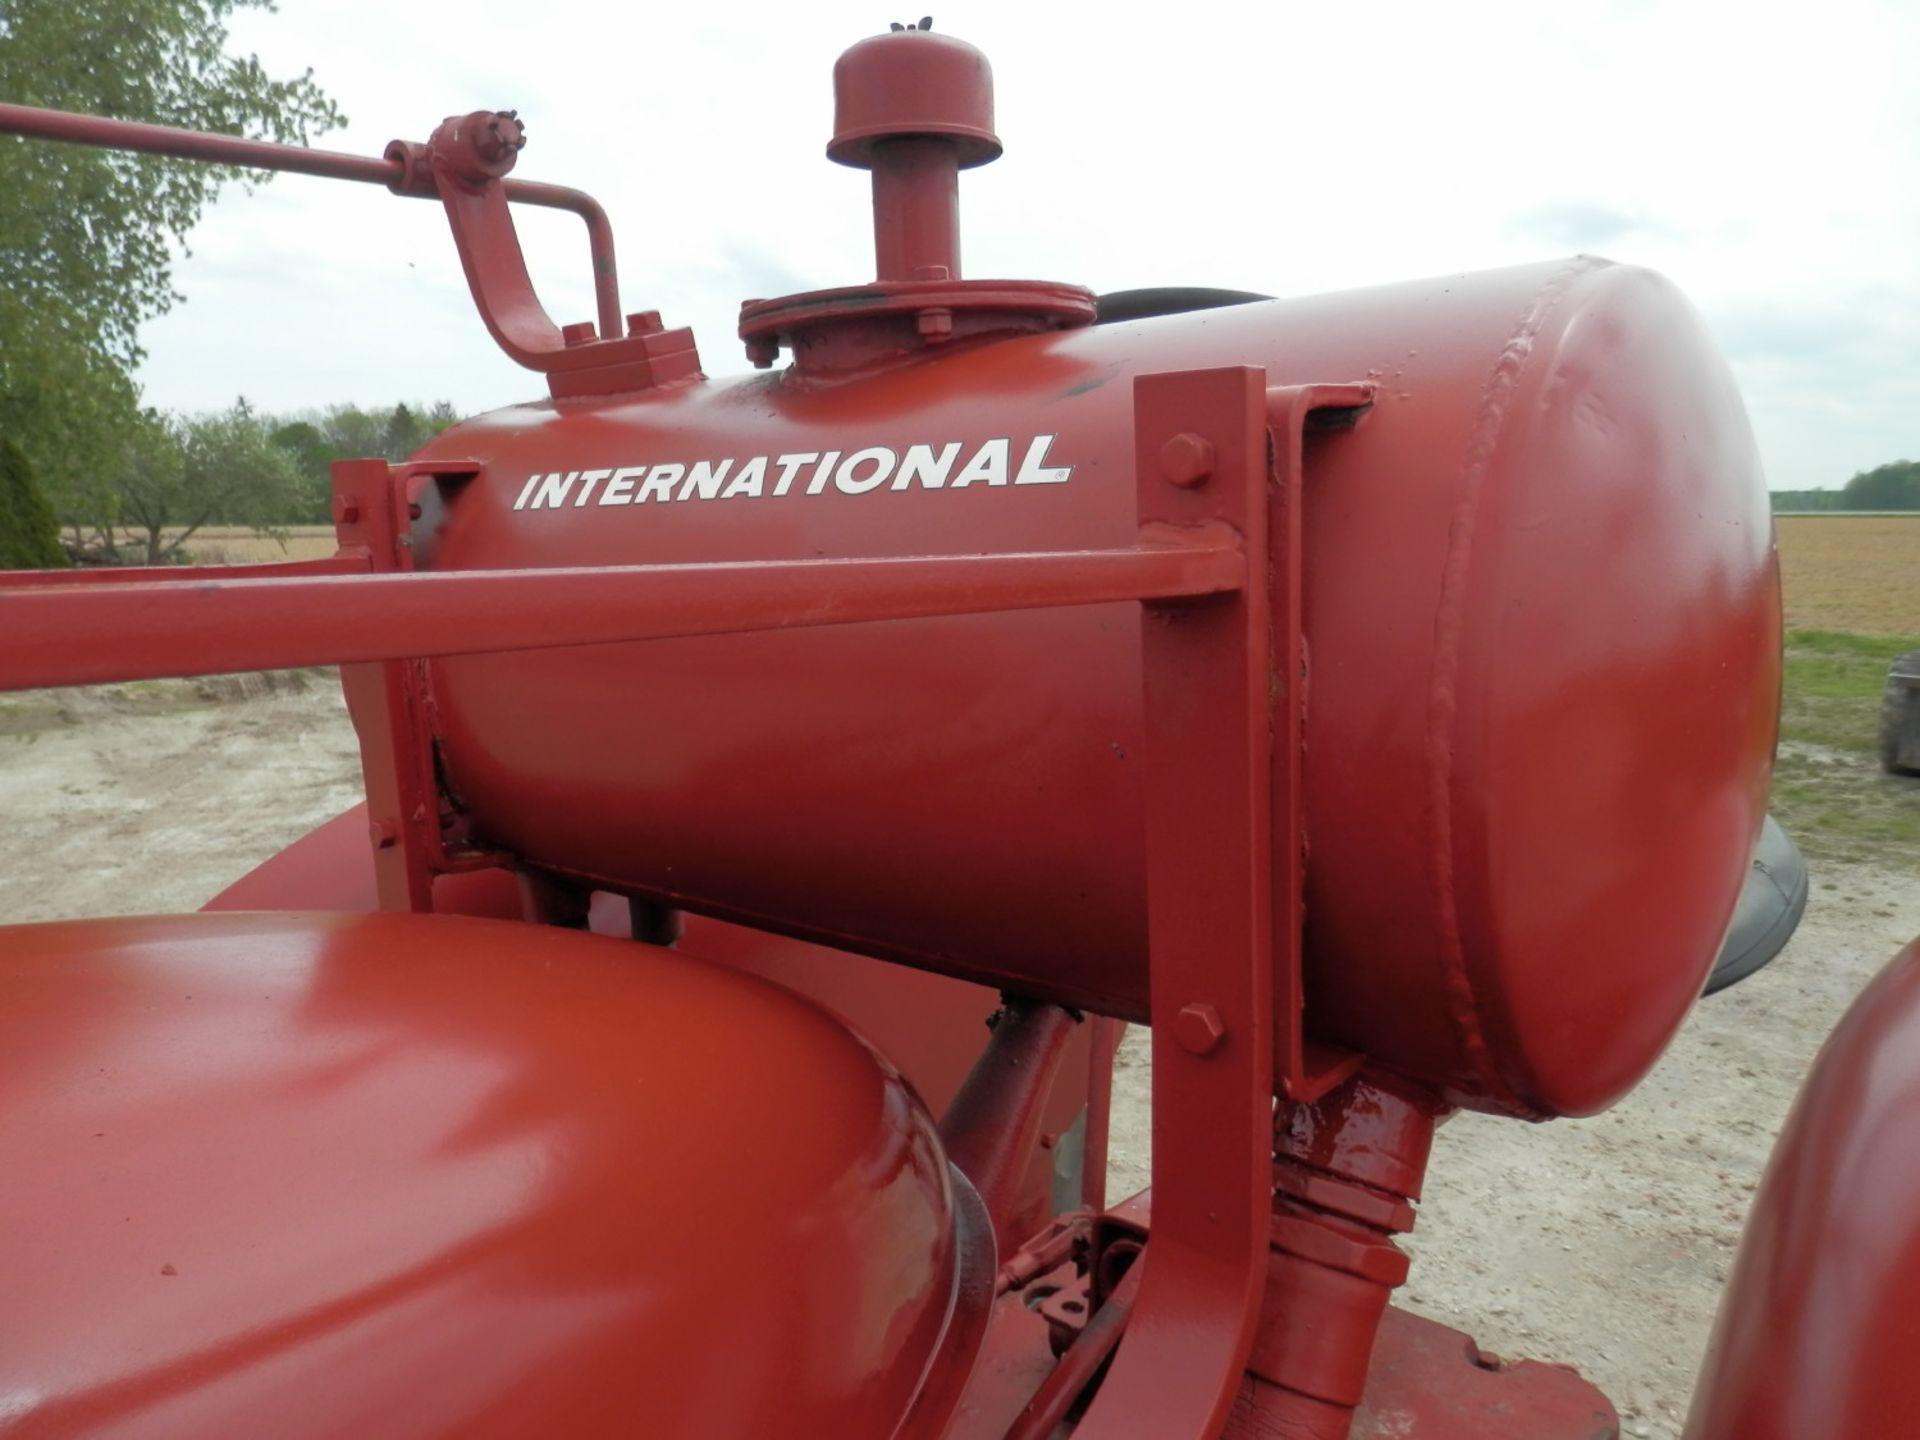 INTERNATIONAL 1-6 w/HOUGH LOADER - Image 13 of 14